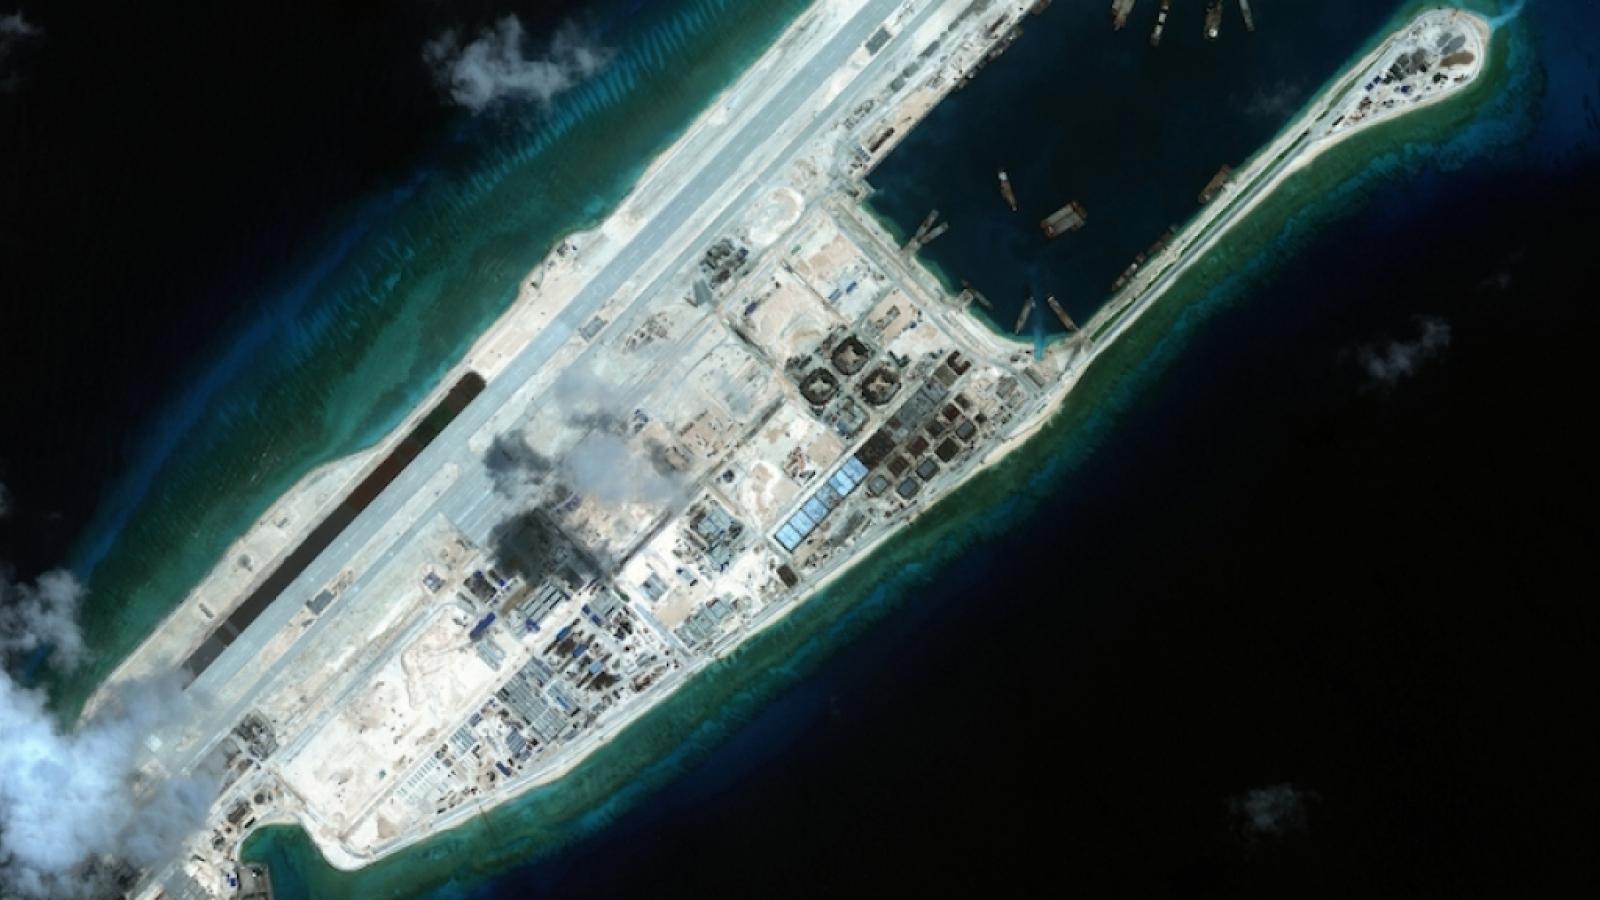 Ngoại trưởng Ấn Độ: COC tại Biển Đông nên tuân theo luật quốc tế